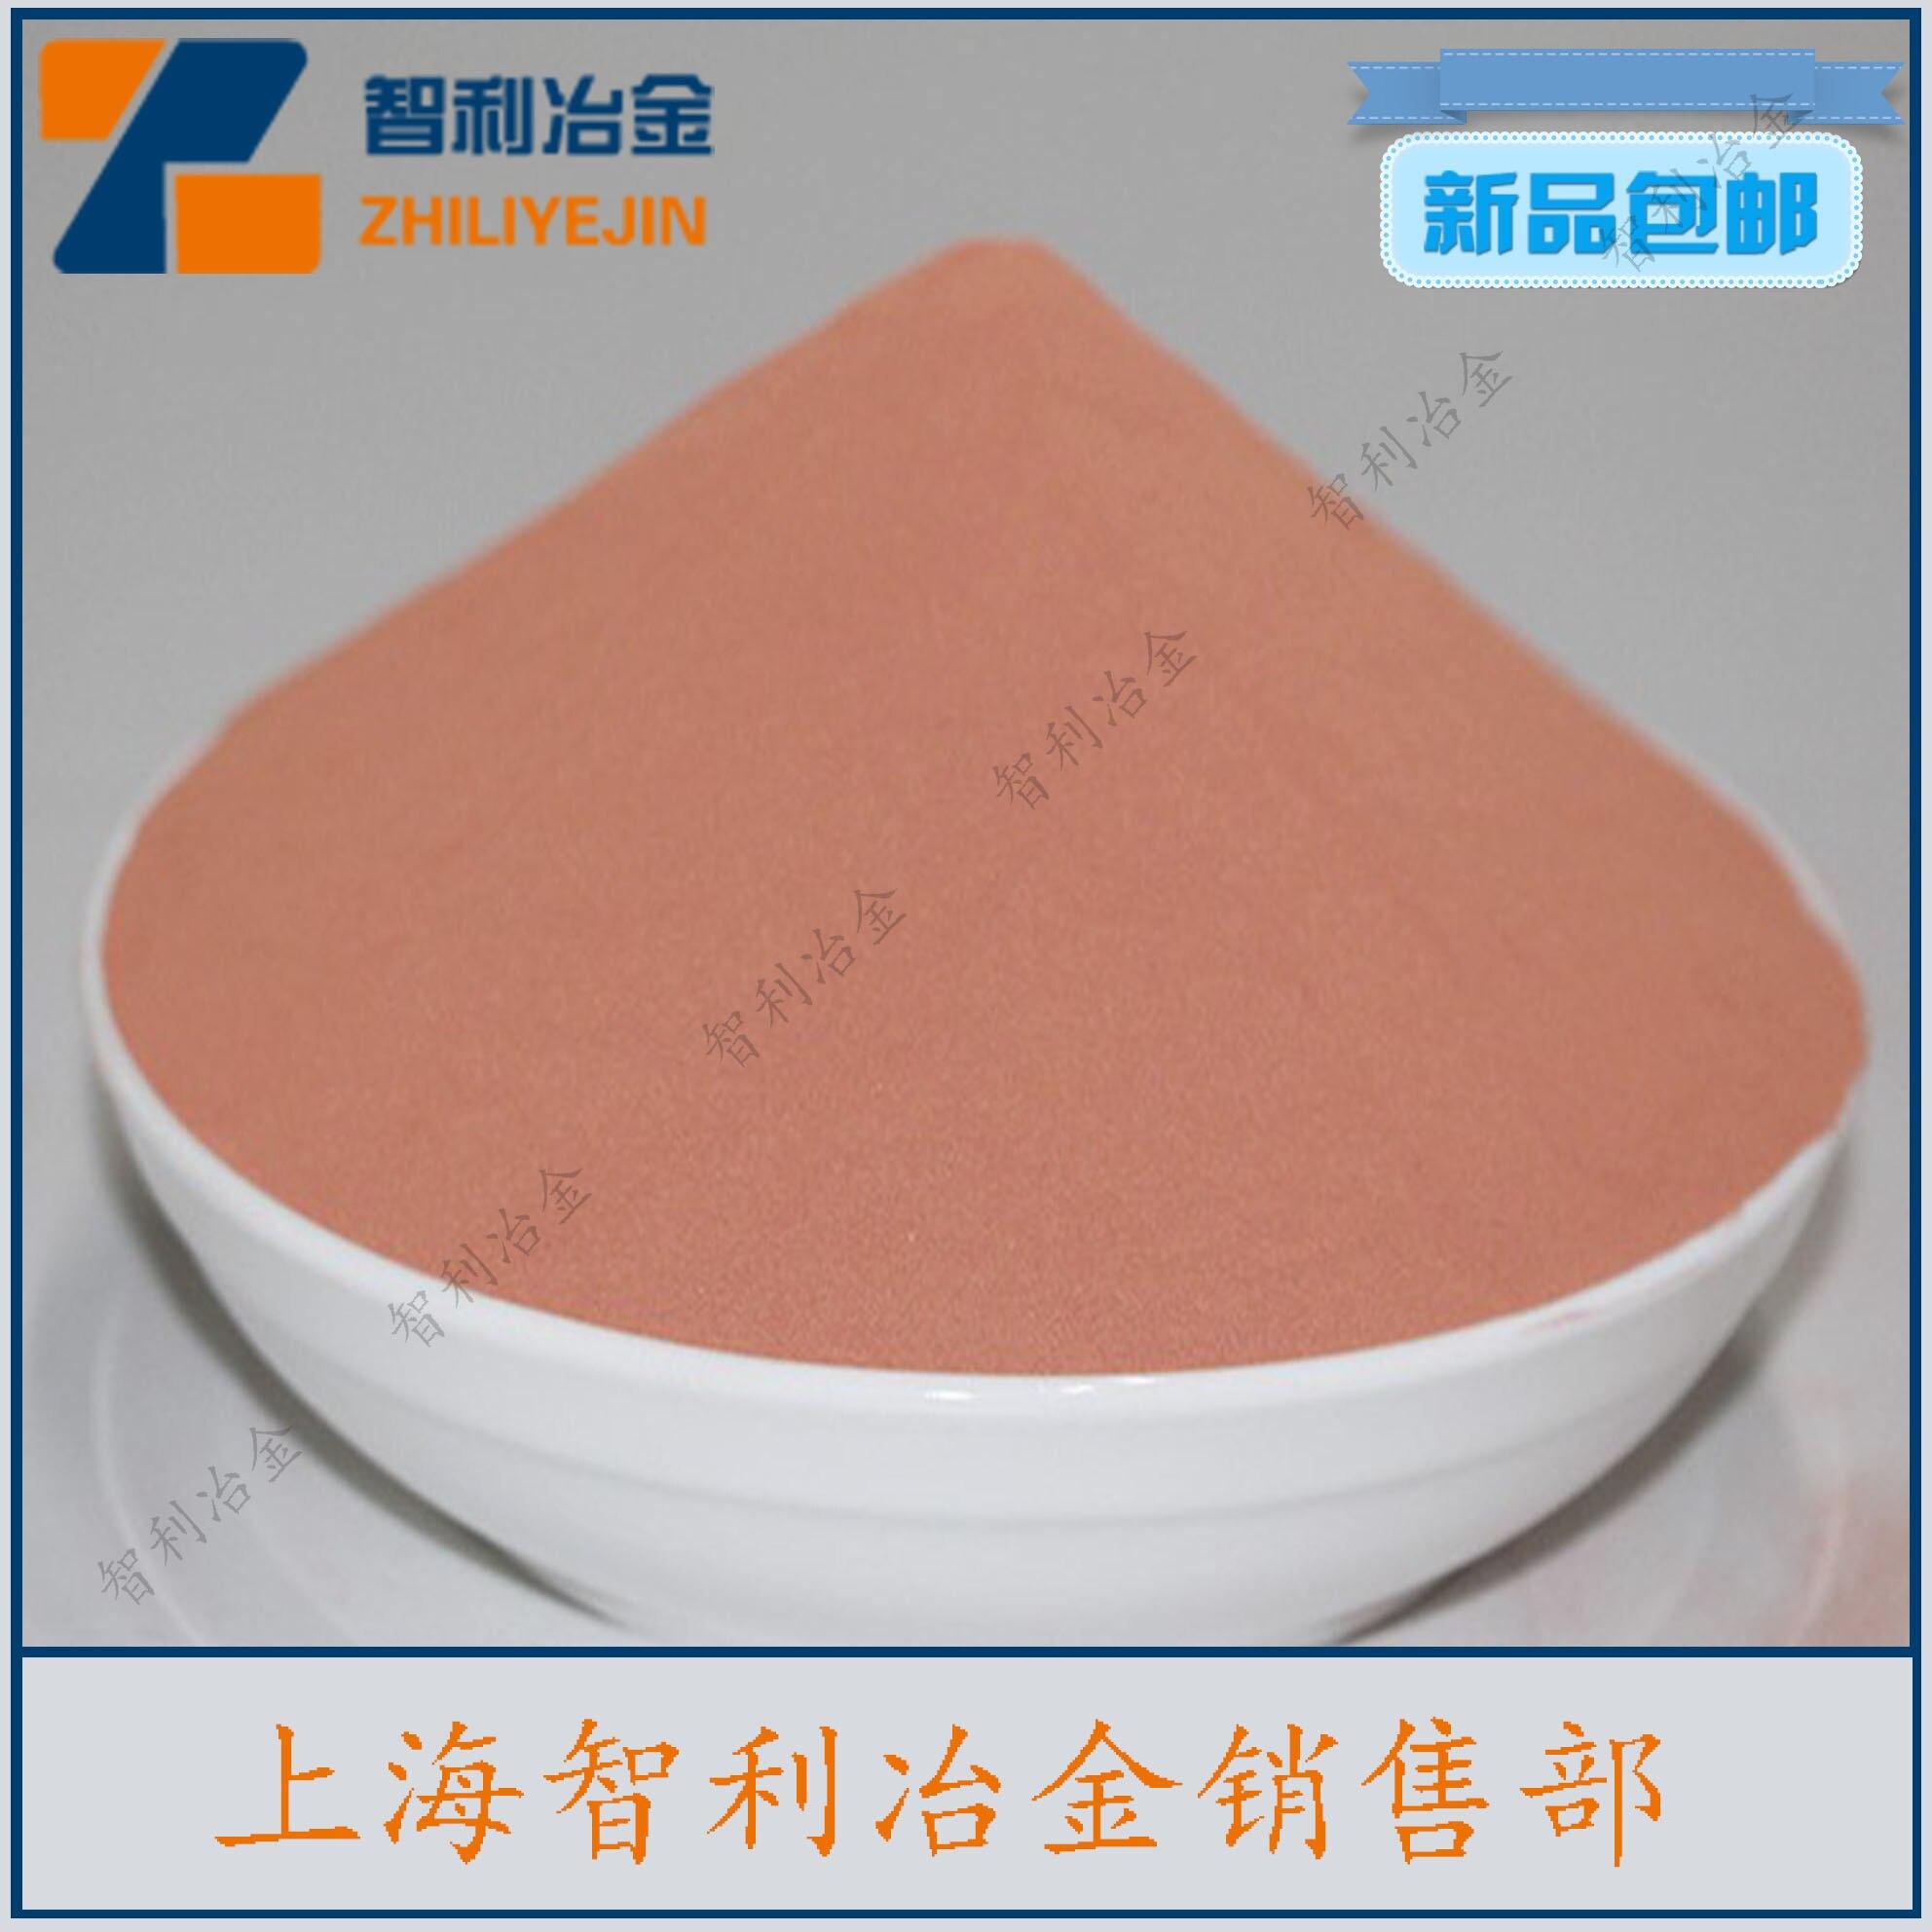 Copper Powder, Pure Copper Powder, Alloy Powder, Scientific Research<br>